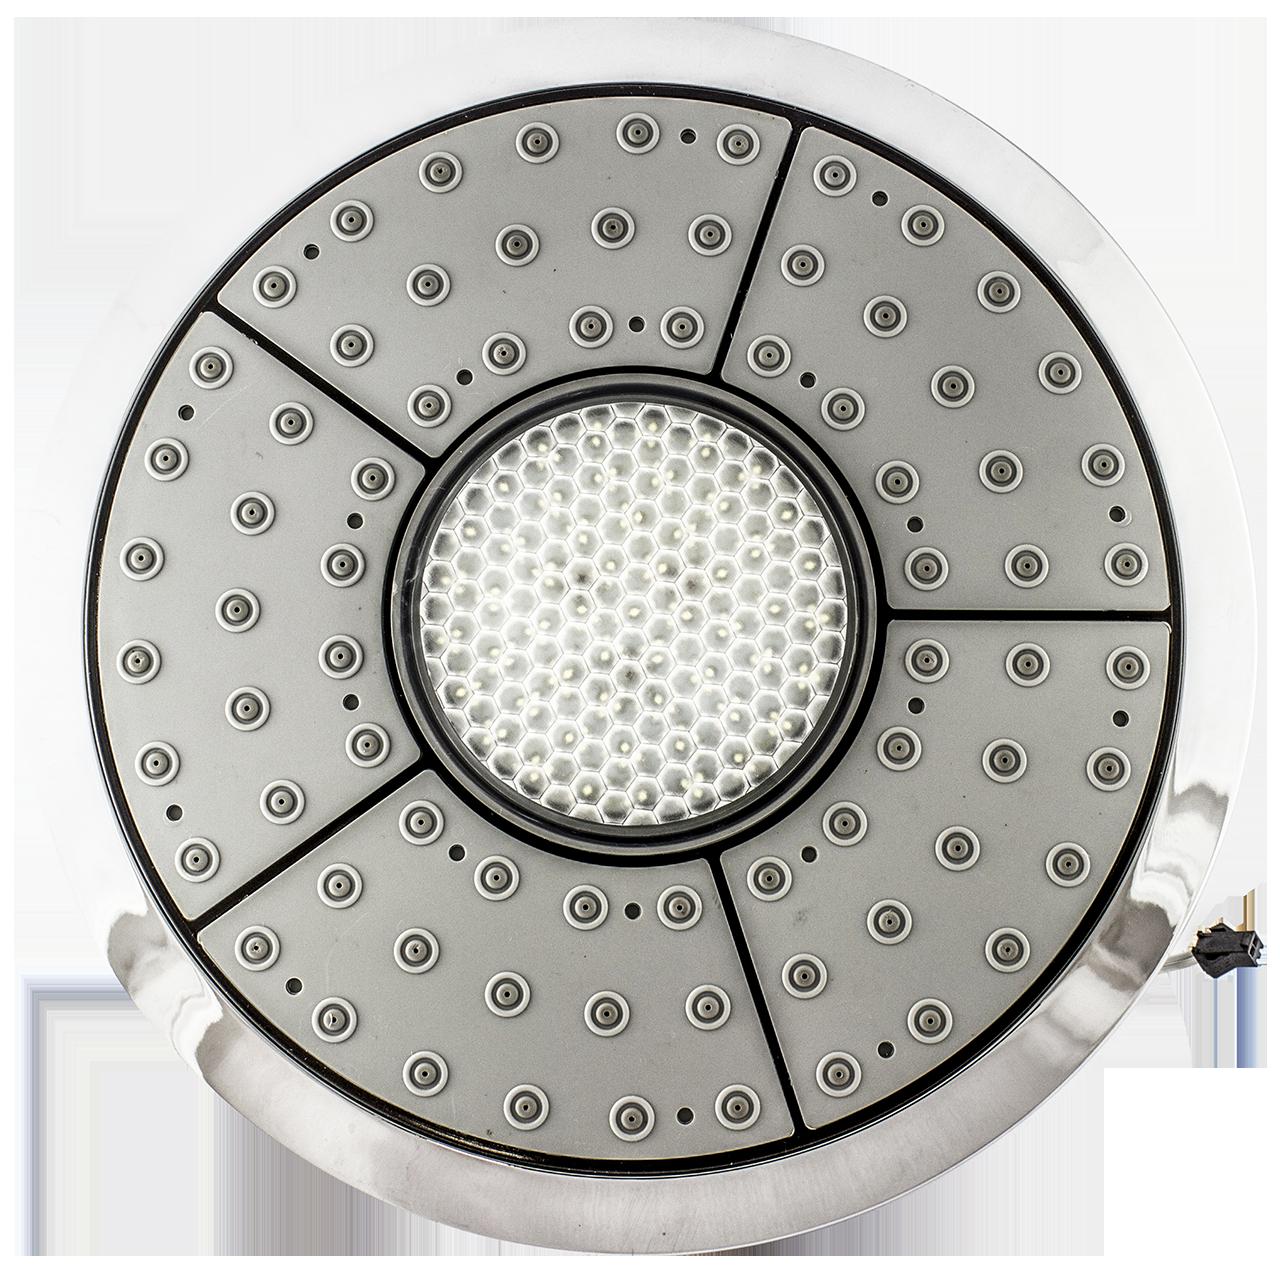 Лейка для душевой кабины, с подсветкой диаметром 235 мм. c подсветкой ( Л-235 ПН )